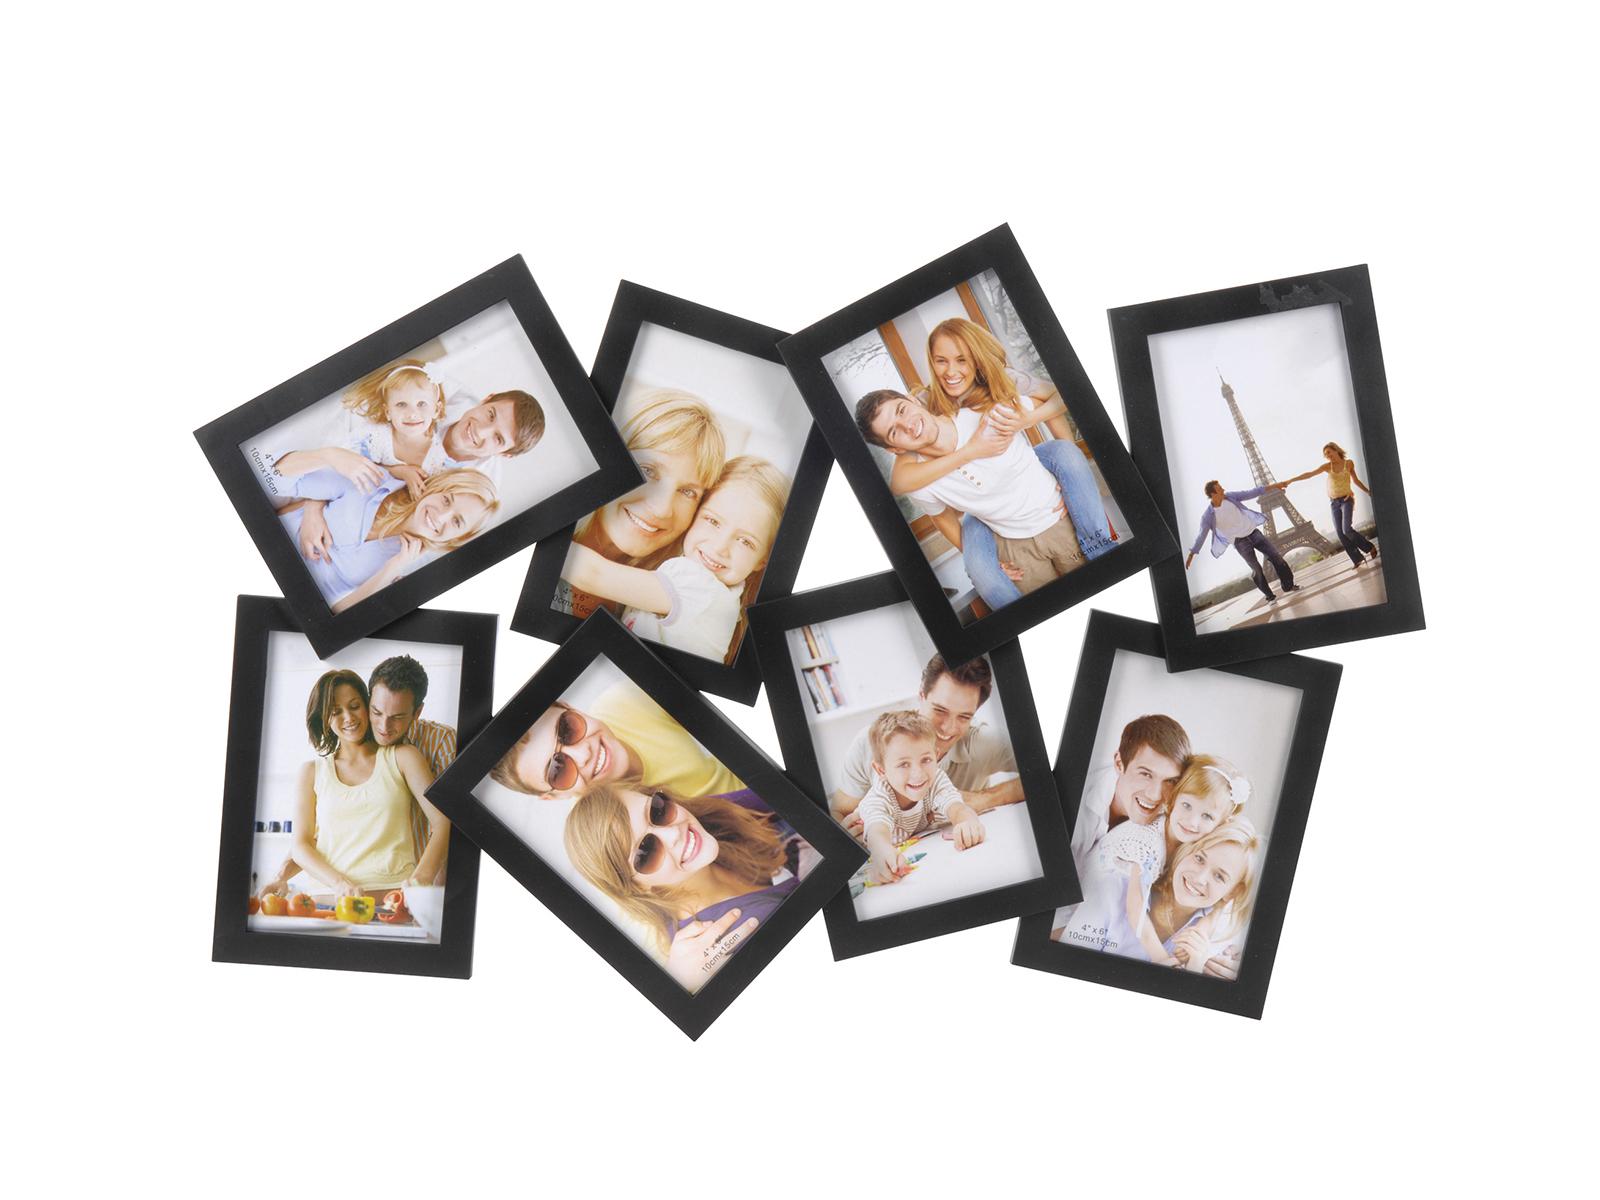 Фоторамка CollageФоторамки<br>Фоторамка для 6-ти фотографий, размером 10х15 см<br>